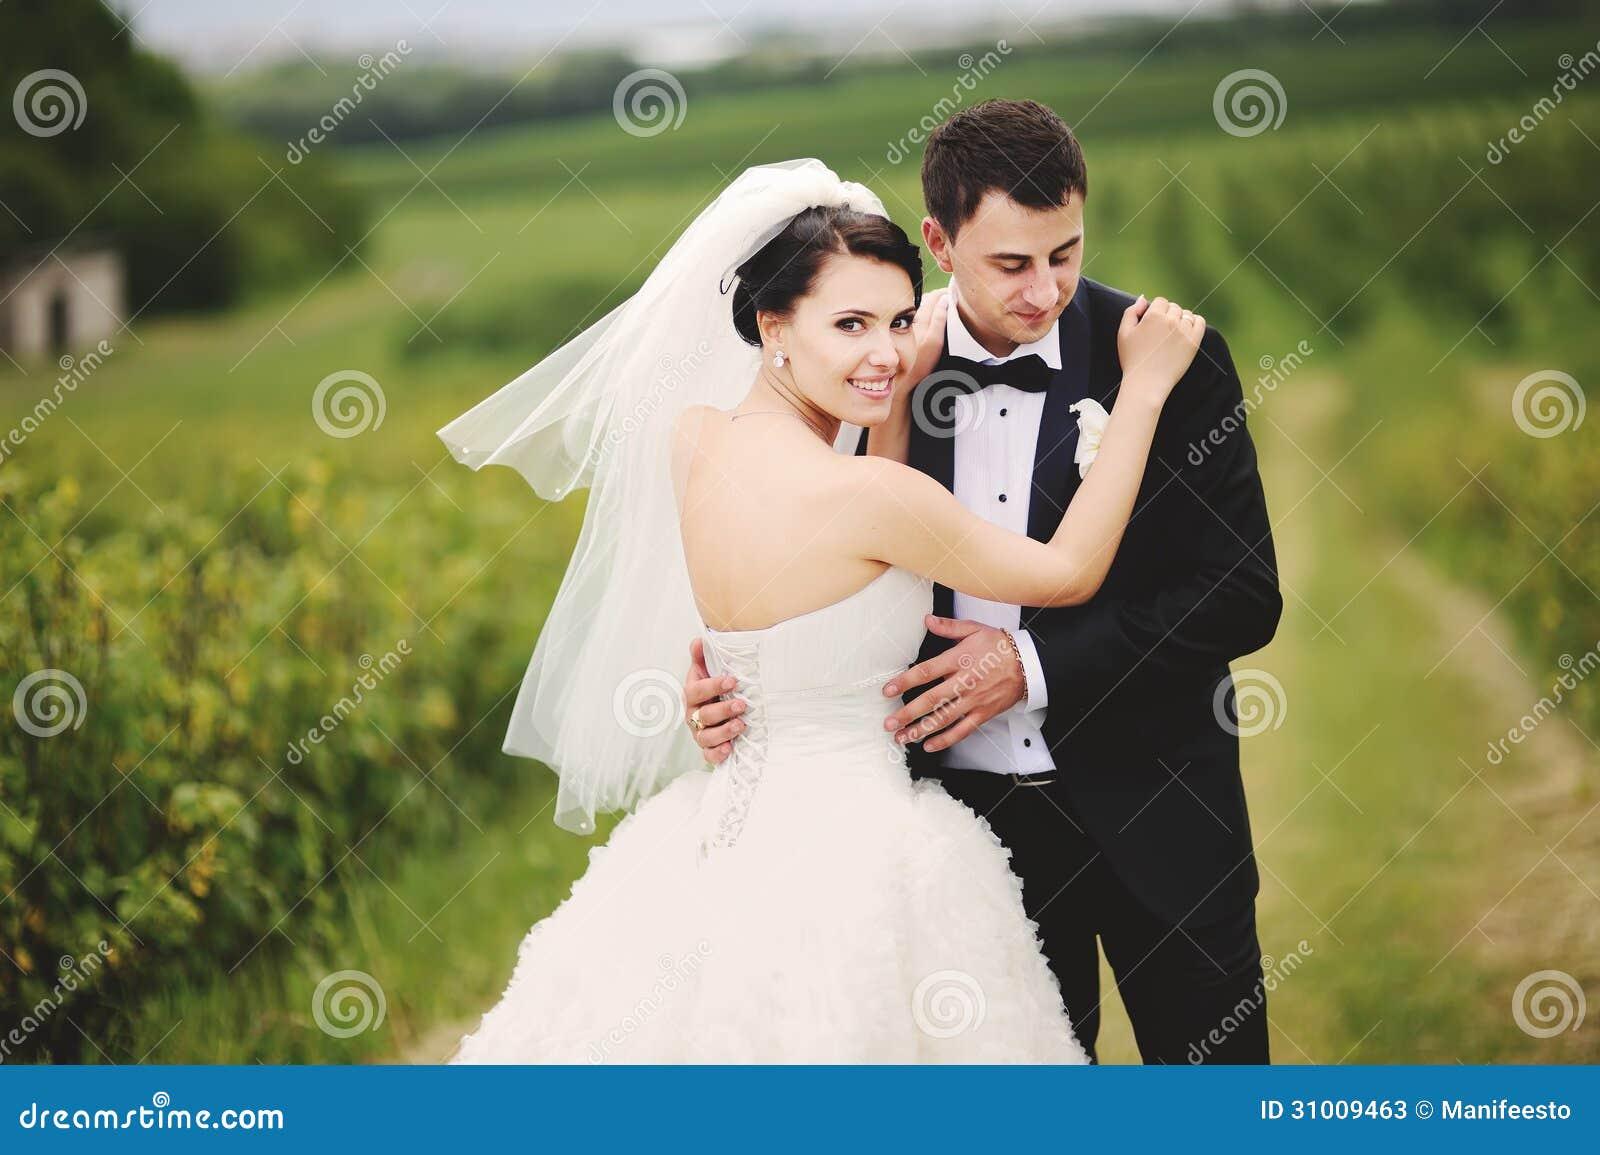 Portrat Im Freien Von Hochzeitspaaren Stockbild Bild Von Dunkel